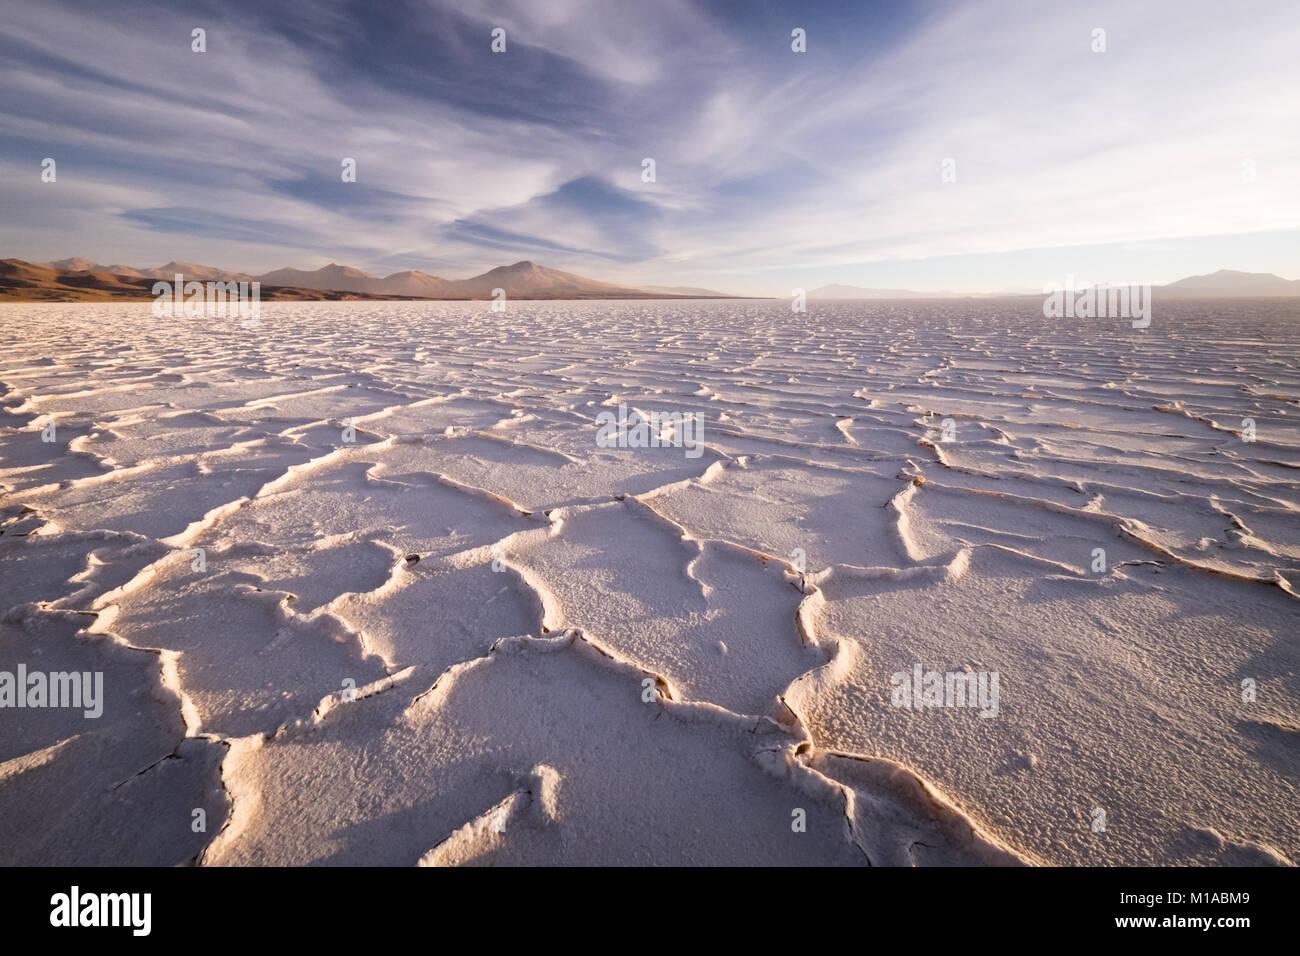 Atardecer en el Salar de Uyuni en Bolivia. Las formas dentro del salar se ven claramente en contra de las colinas Imagen De Stock